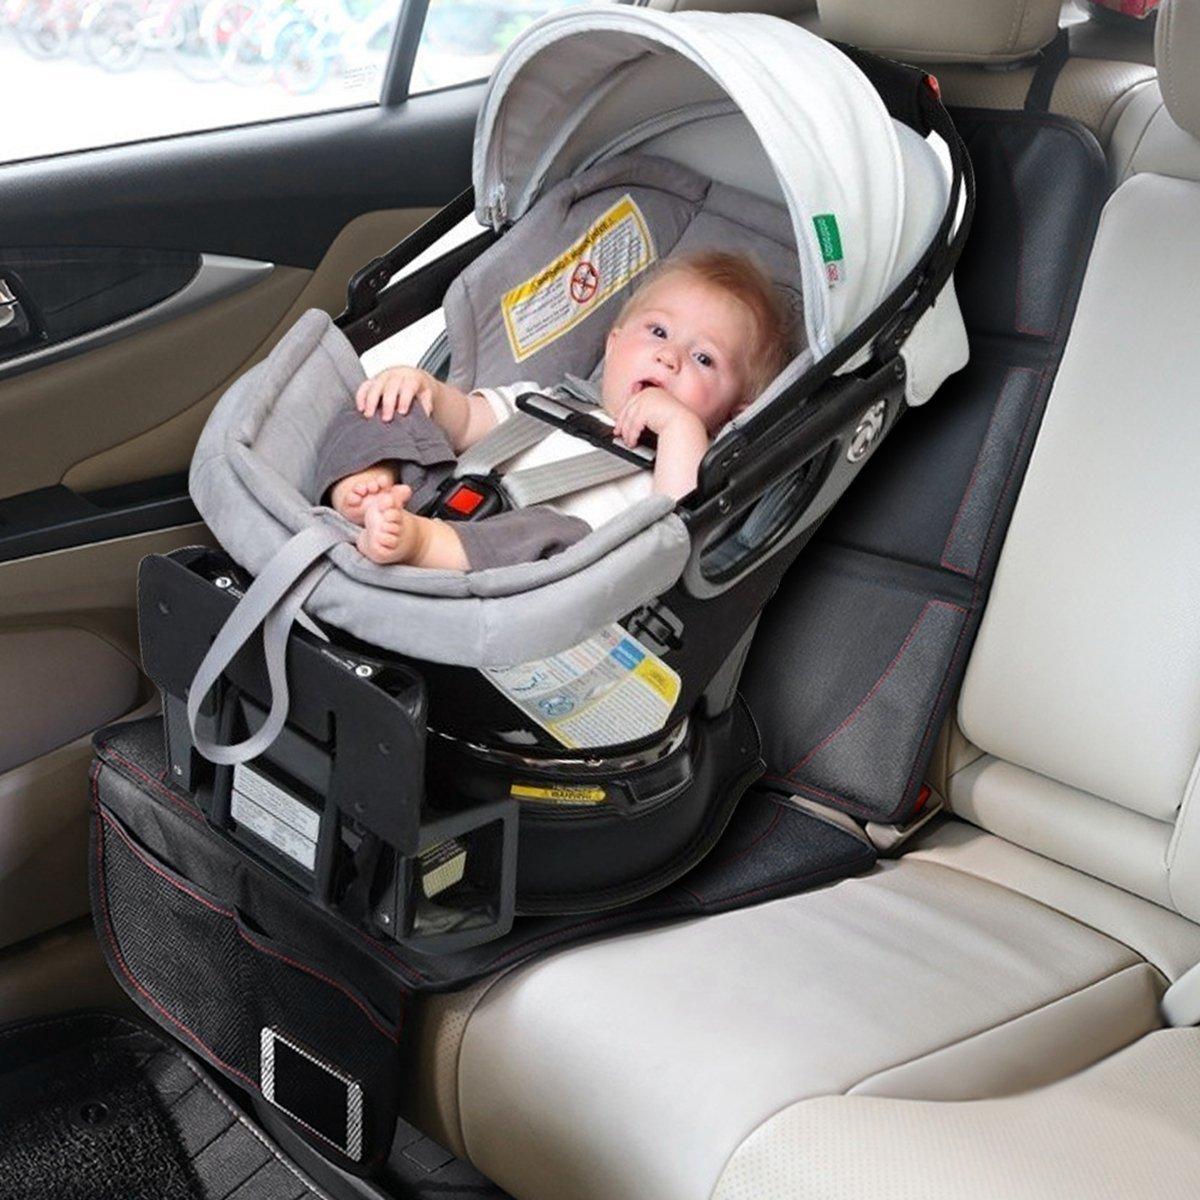 IREGRO Coprisedile Auto Ideale per Bambini//Beb/è//Animali per Proteggere la tappezzeria in Pelle del Veicolo